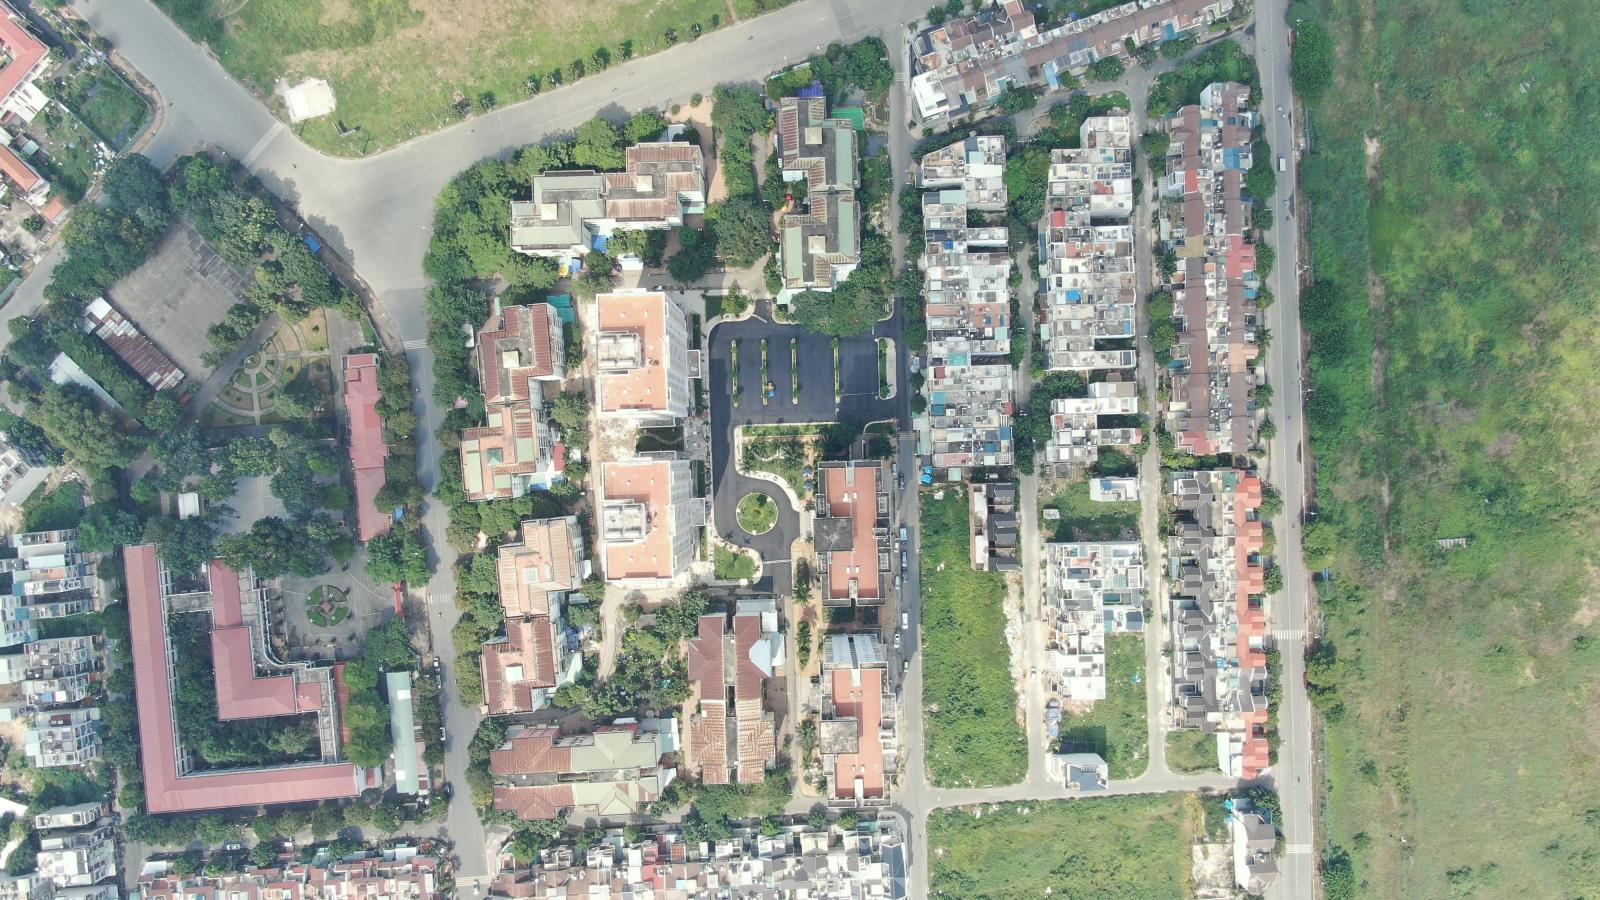 Ảnh chụp một góc thành phố từ trên cao với nhiều tòa nhà, cây xanh và con đường